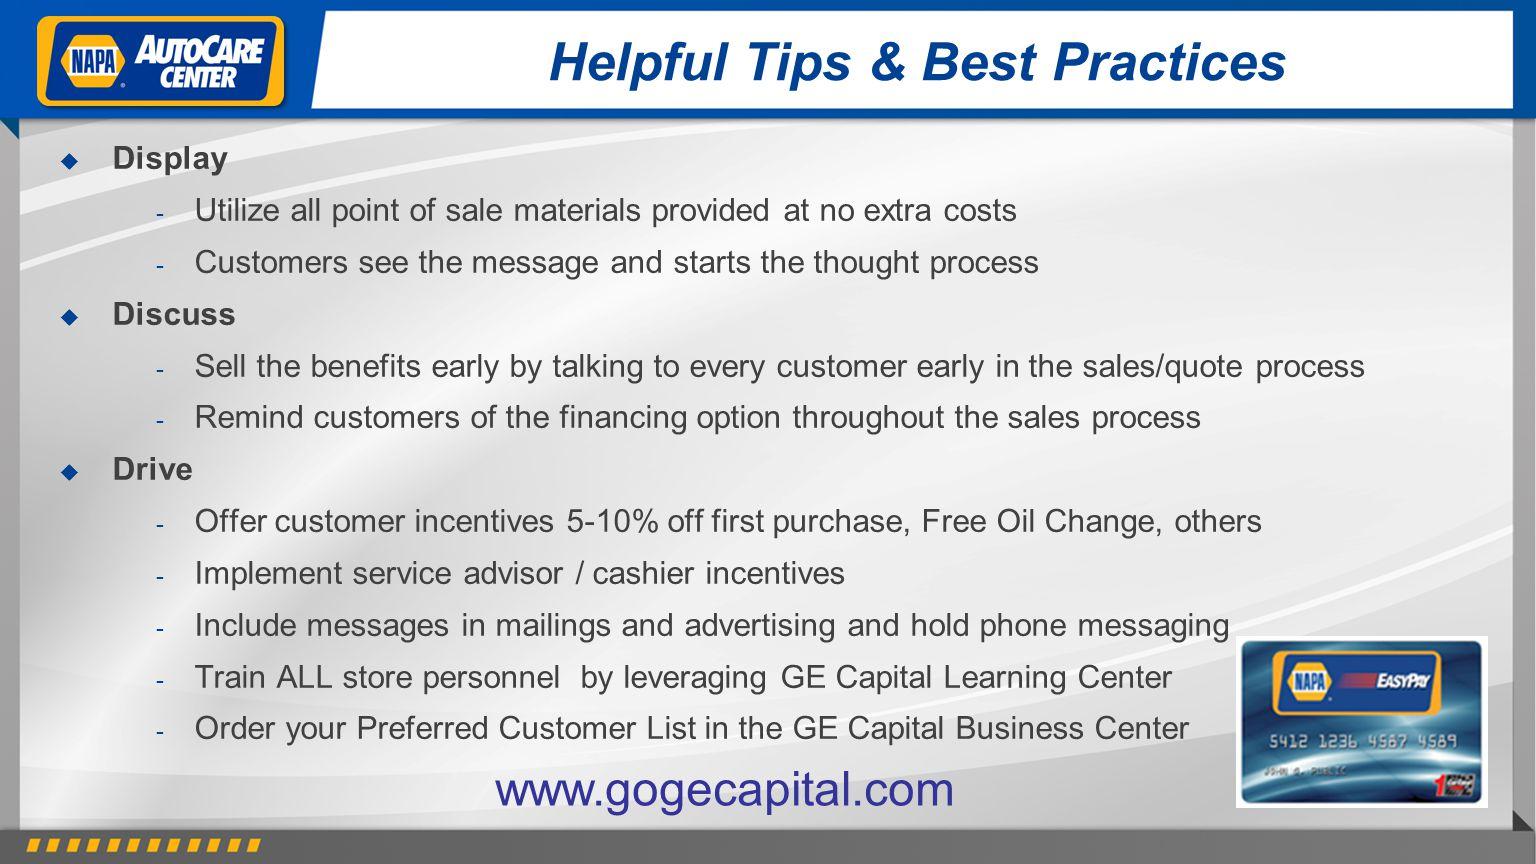 Helpful Tips & Best Practices